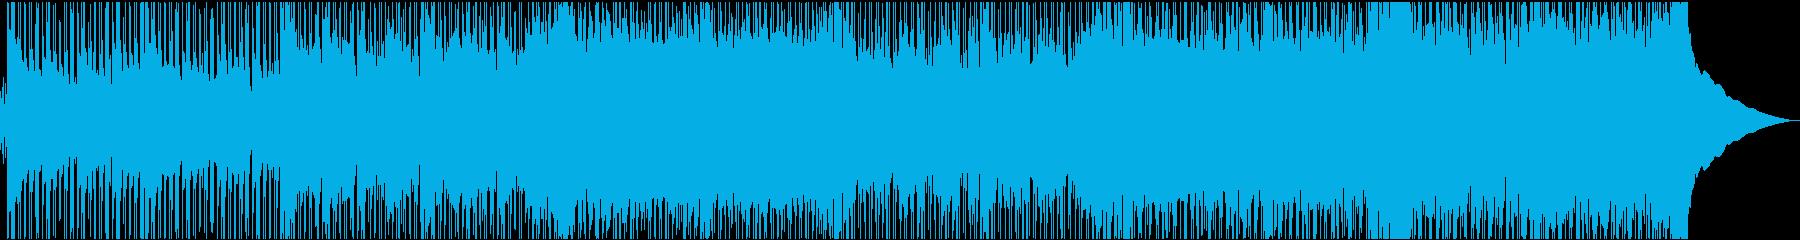 好奇心旺盛で元気ハツラツなBGMの再生済みの波形